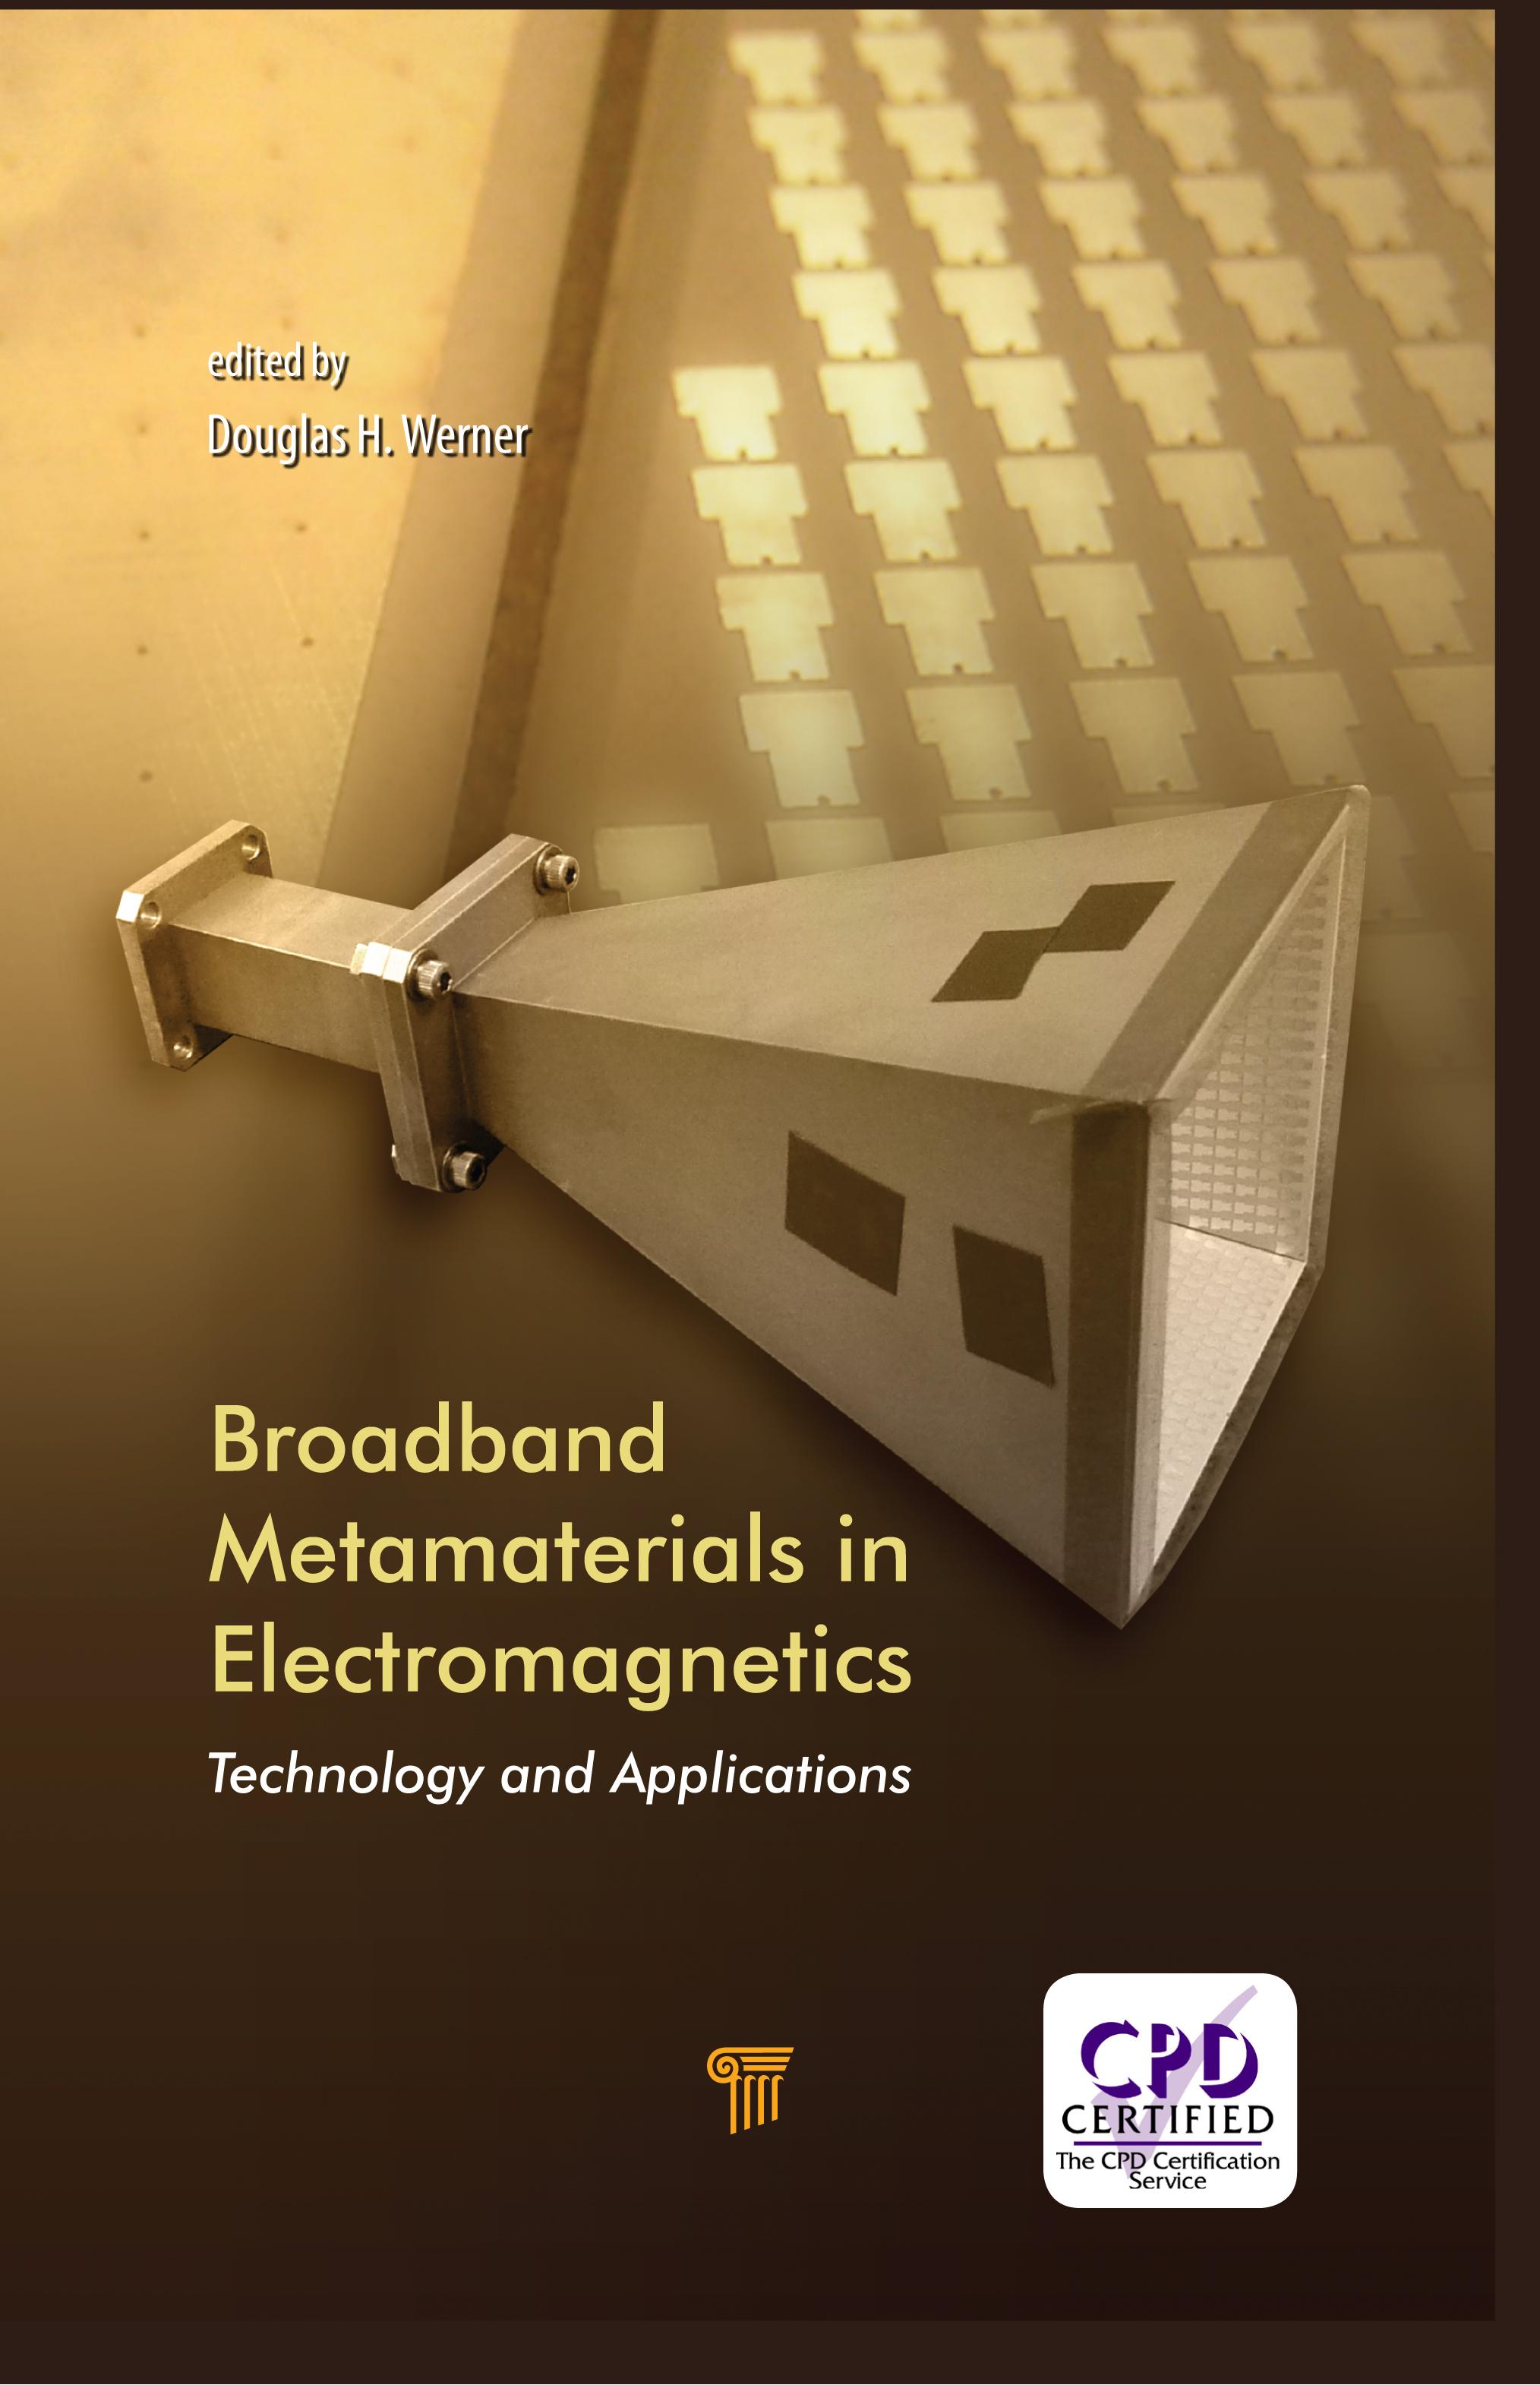 Broadband Metamaterials in Electromagnetics